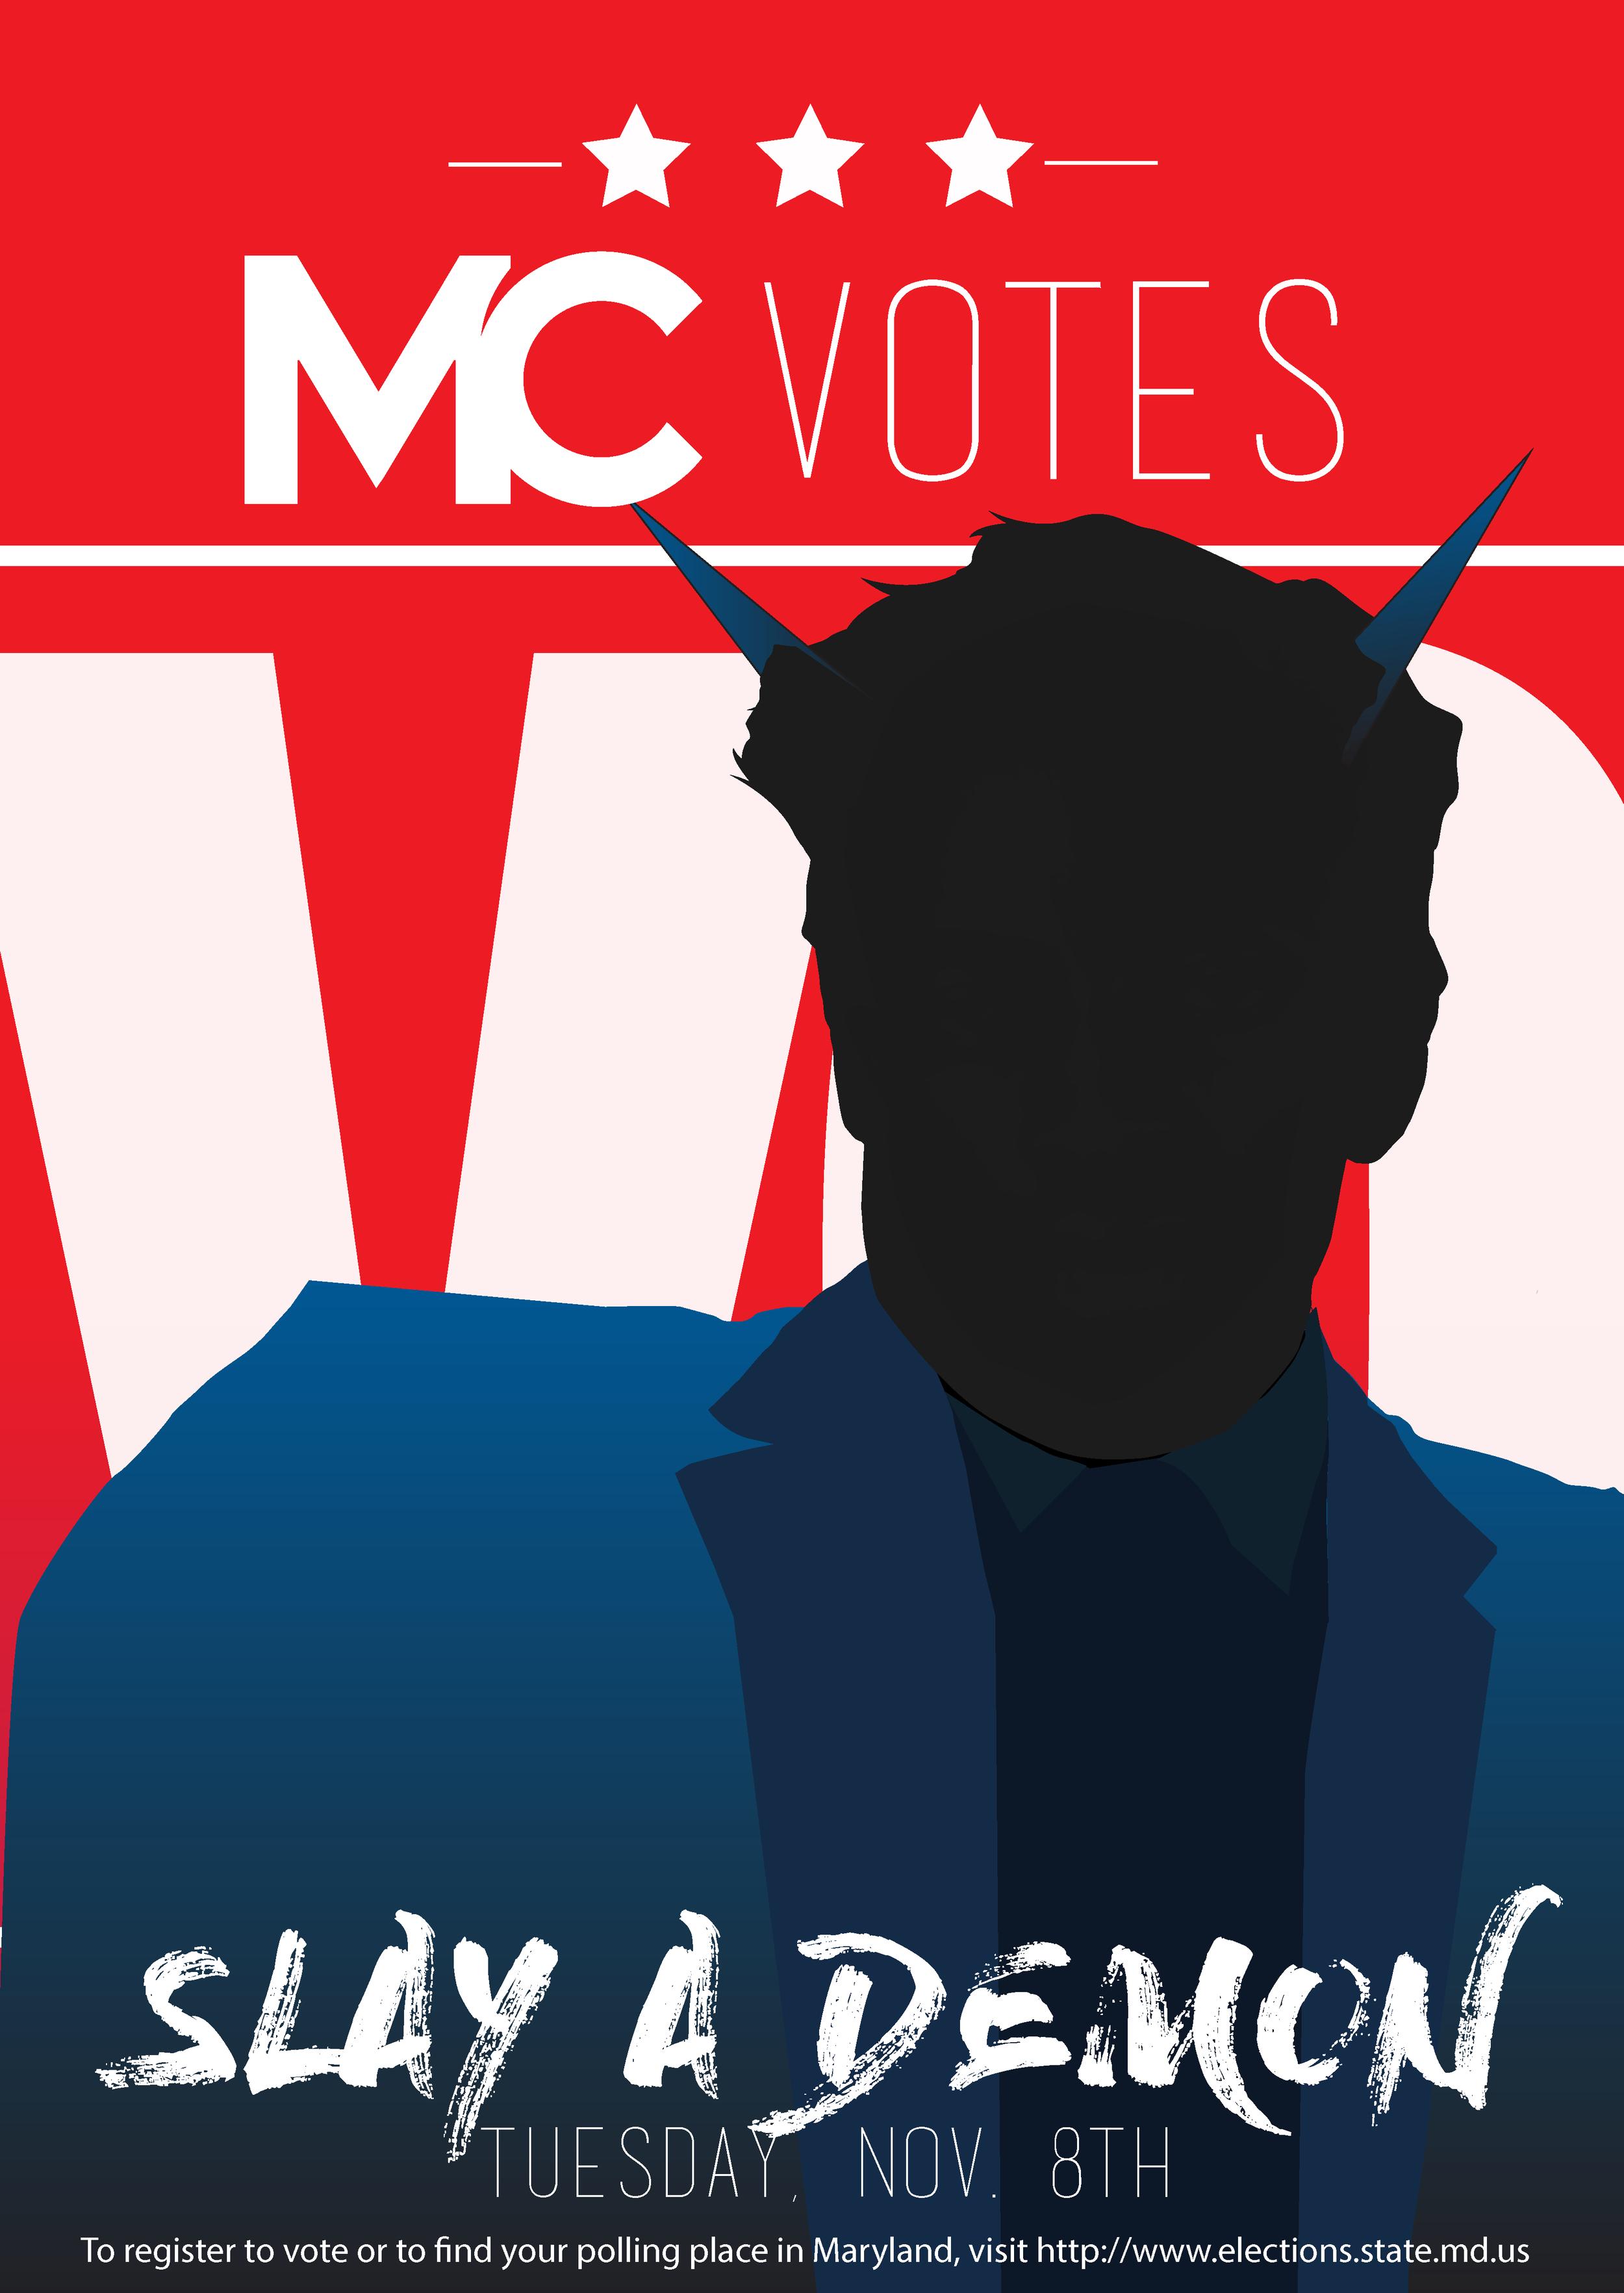 MC Votes Poster Campaign 2016